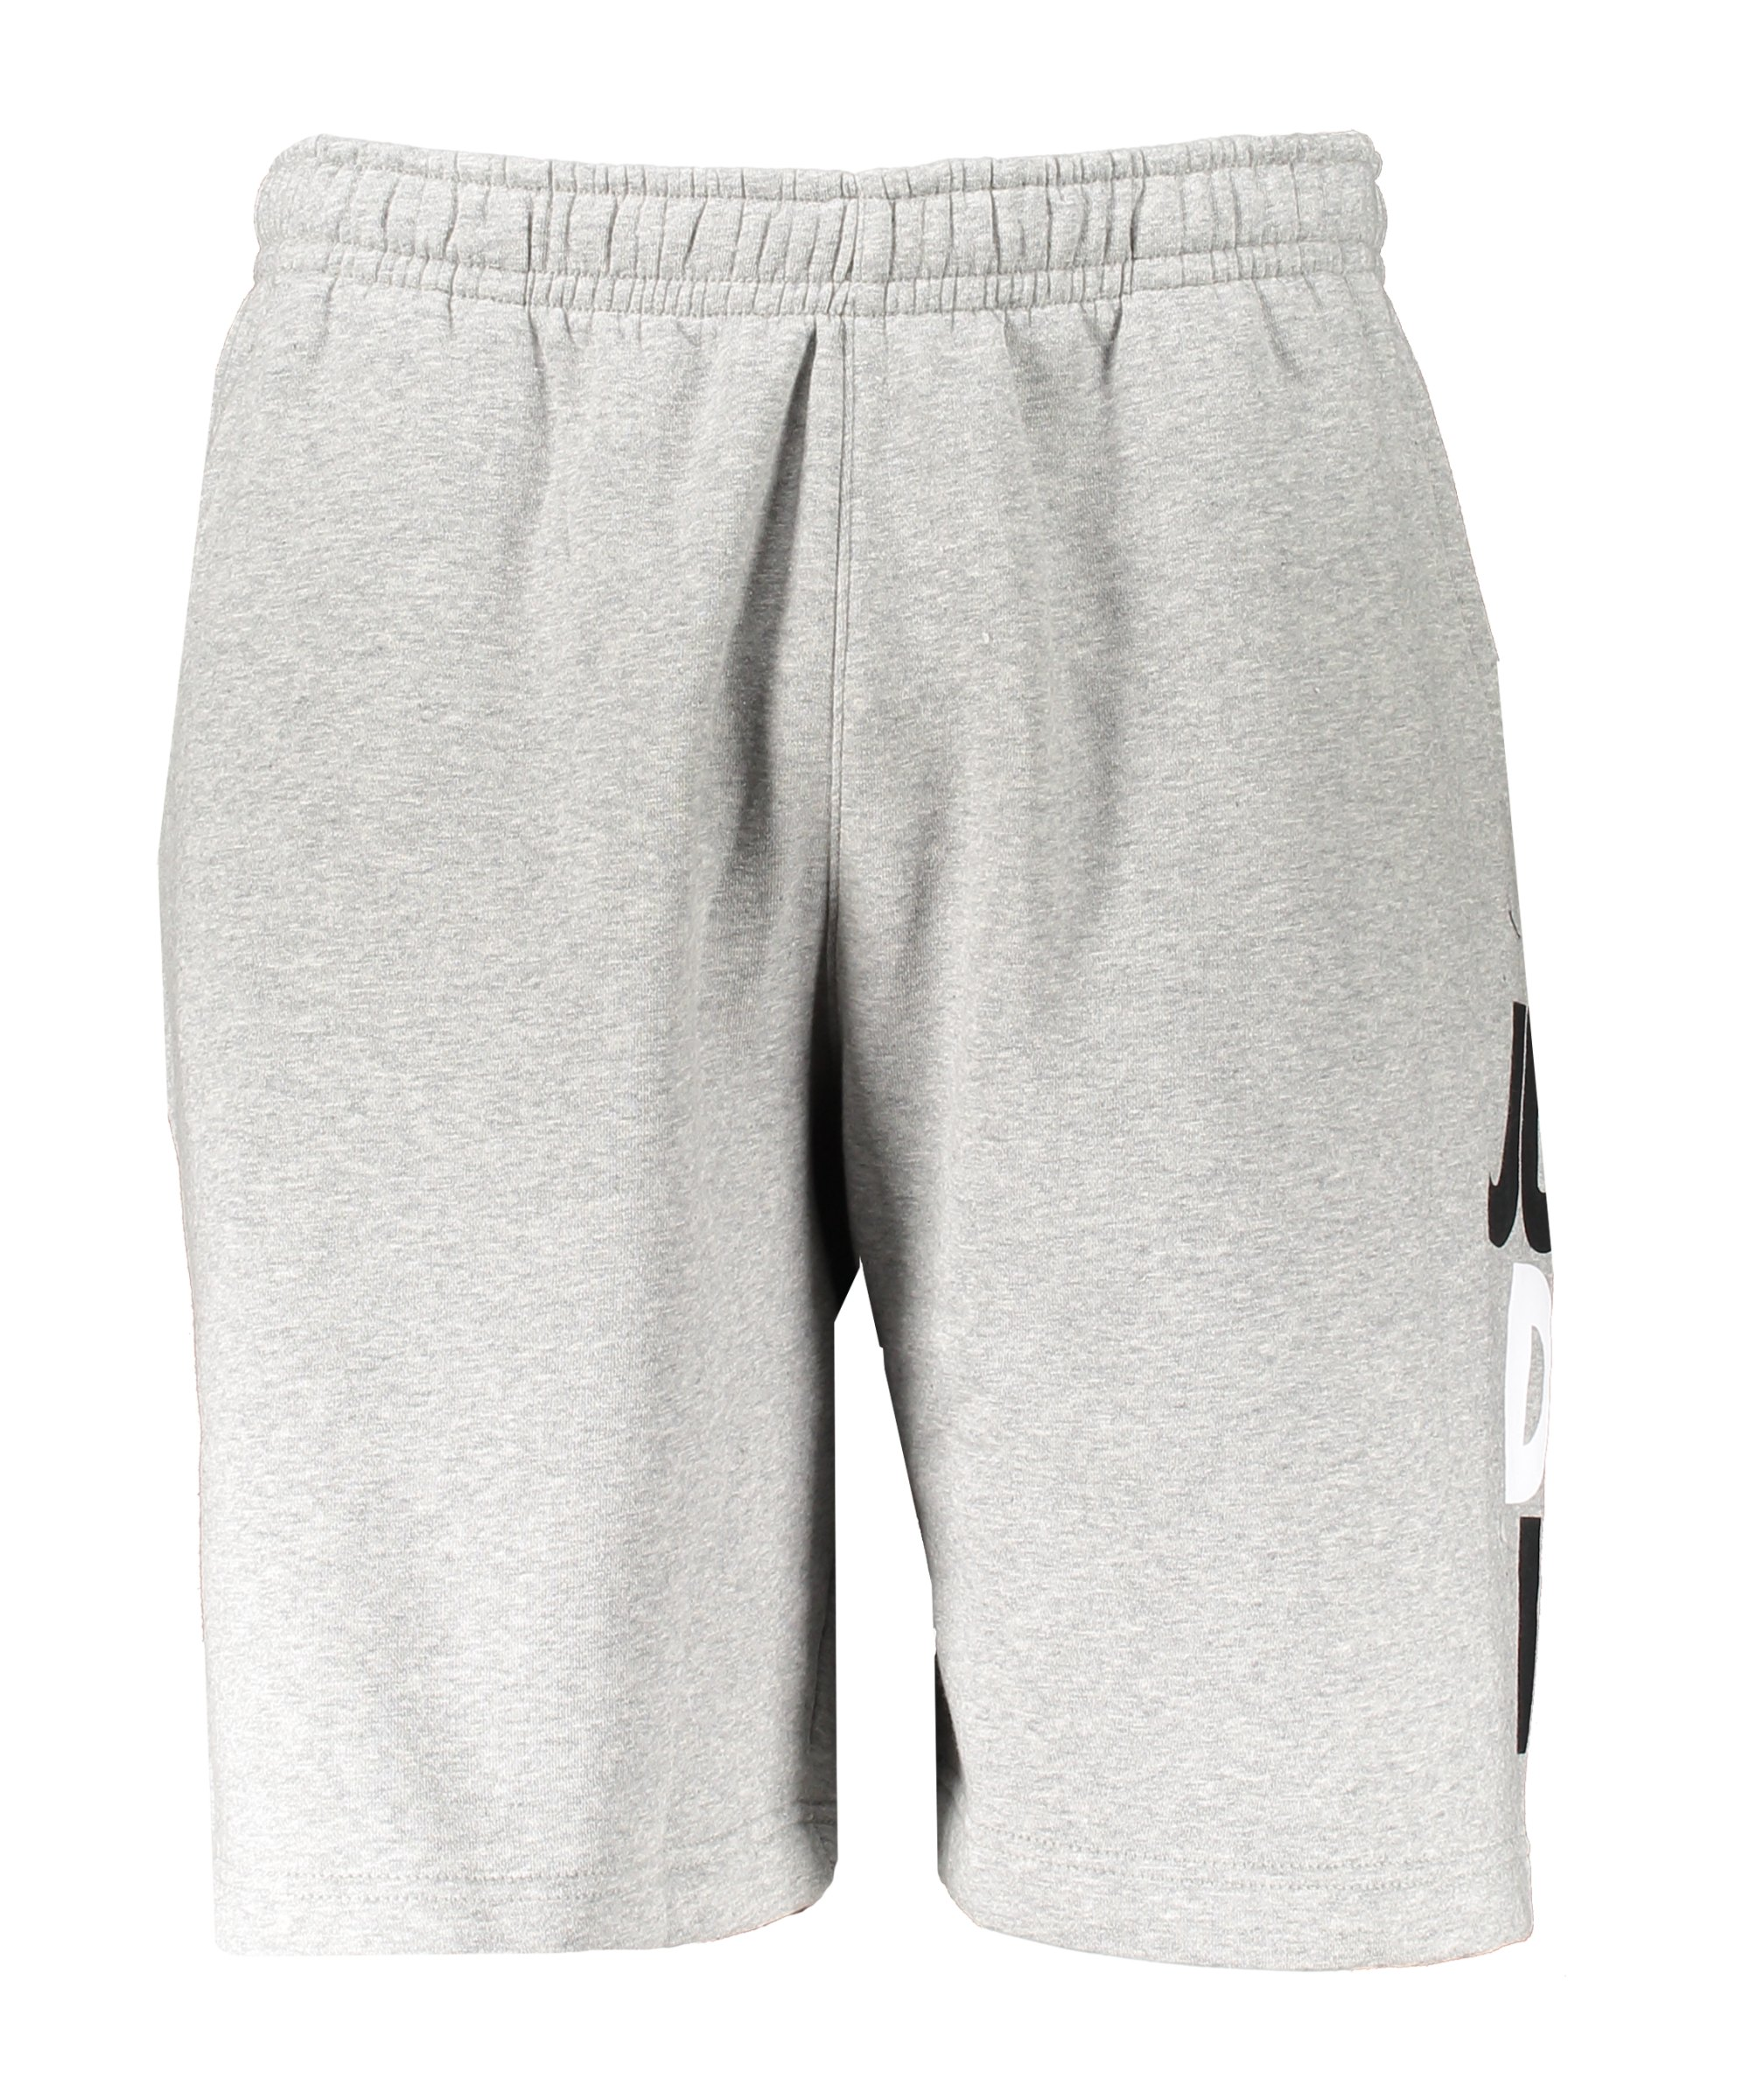 Nike Just Do It Short Grau F063 - grau